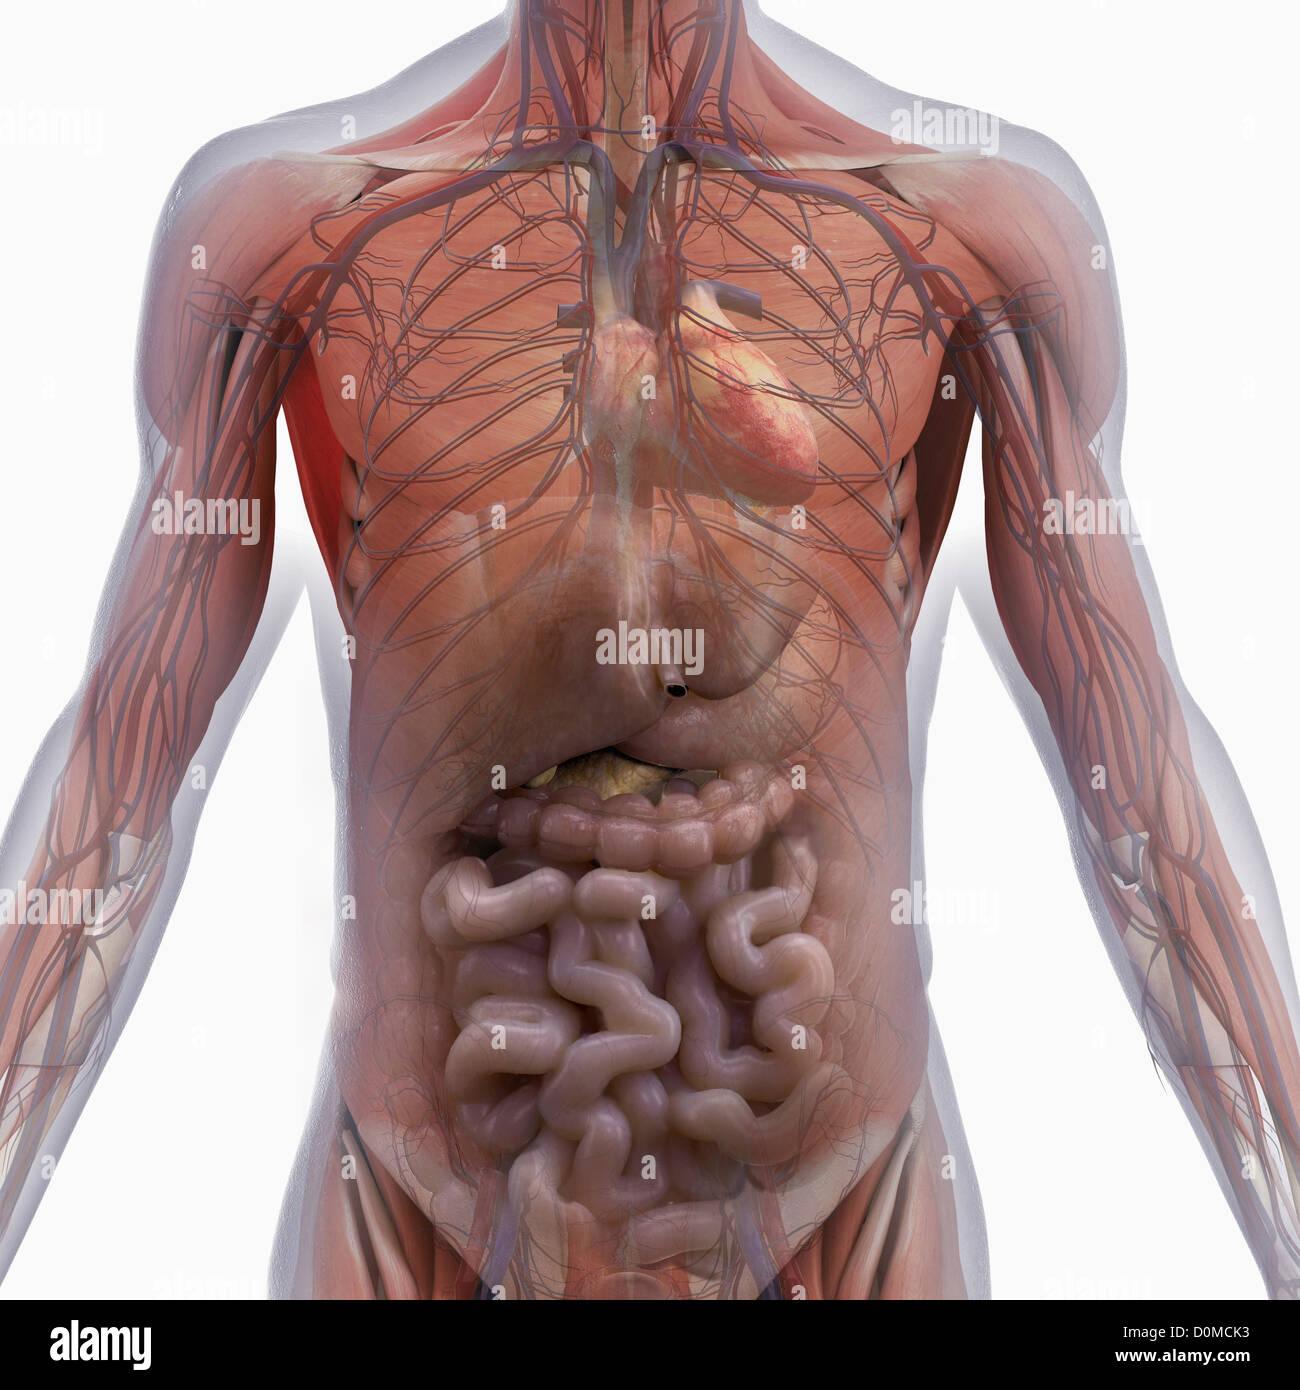 Fantastisch Muskel Arbeitsblatt Für Anatomie Galerie - Menschliche ...